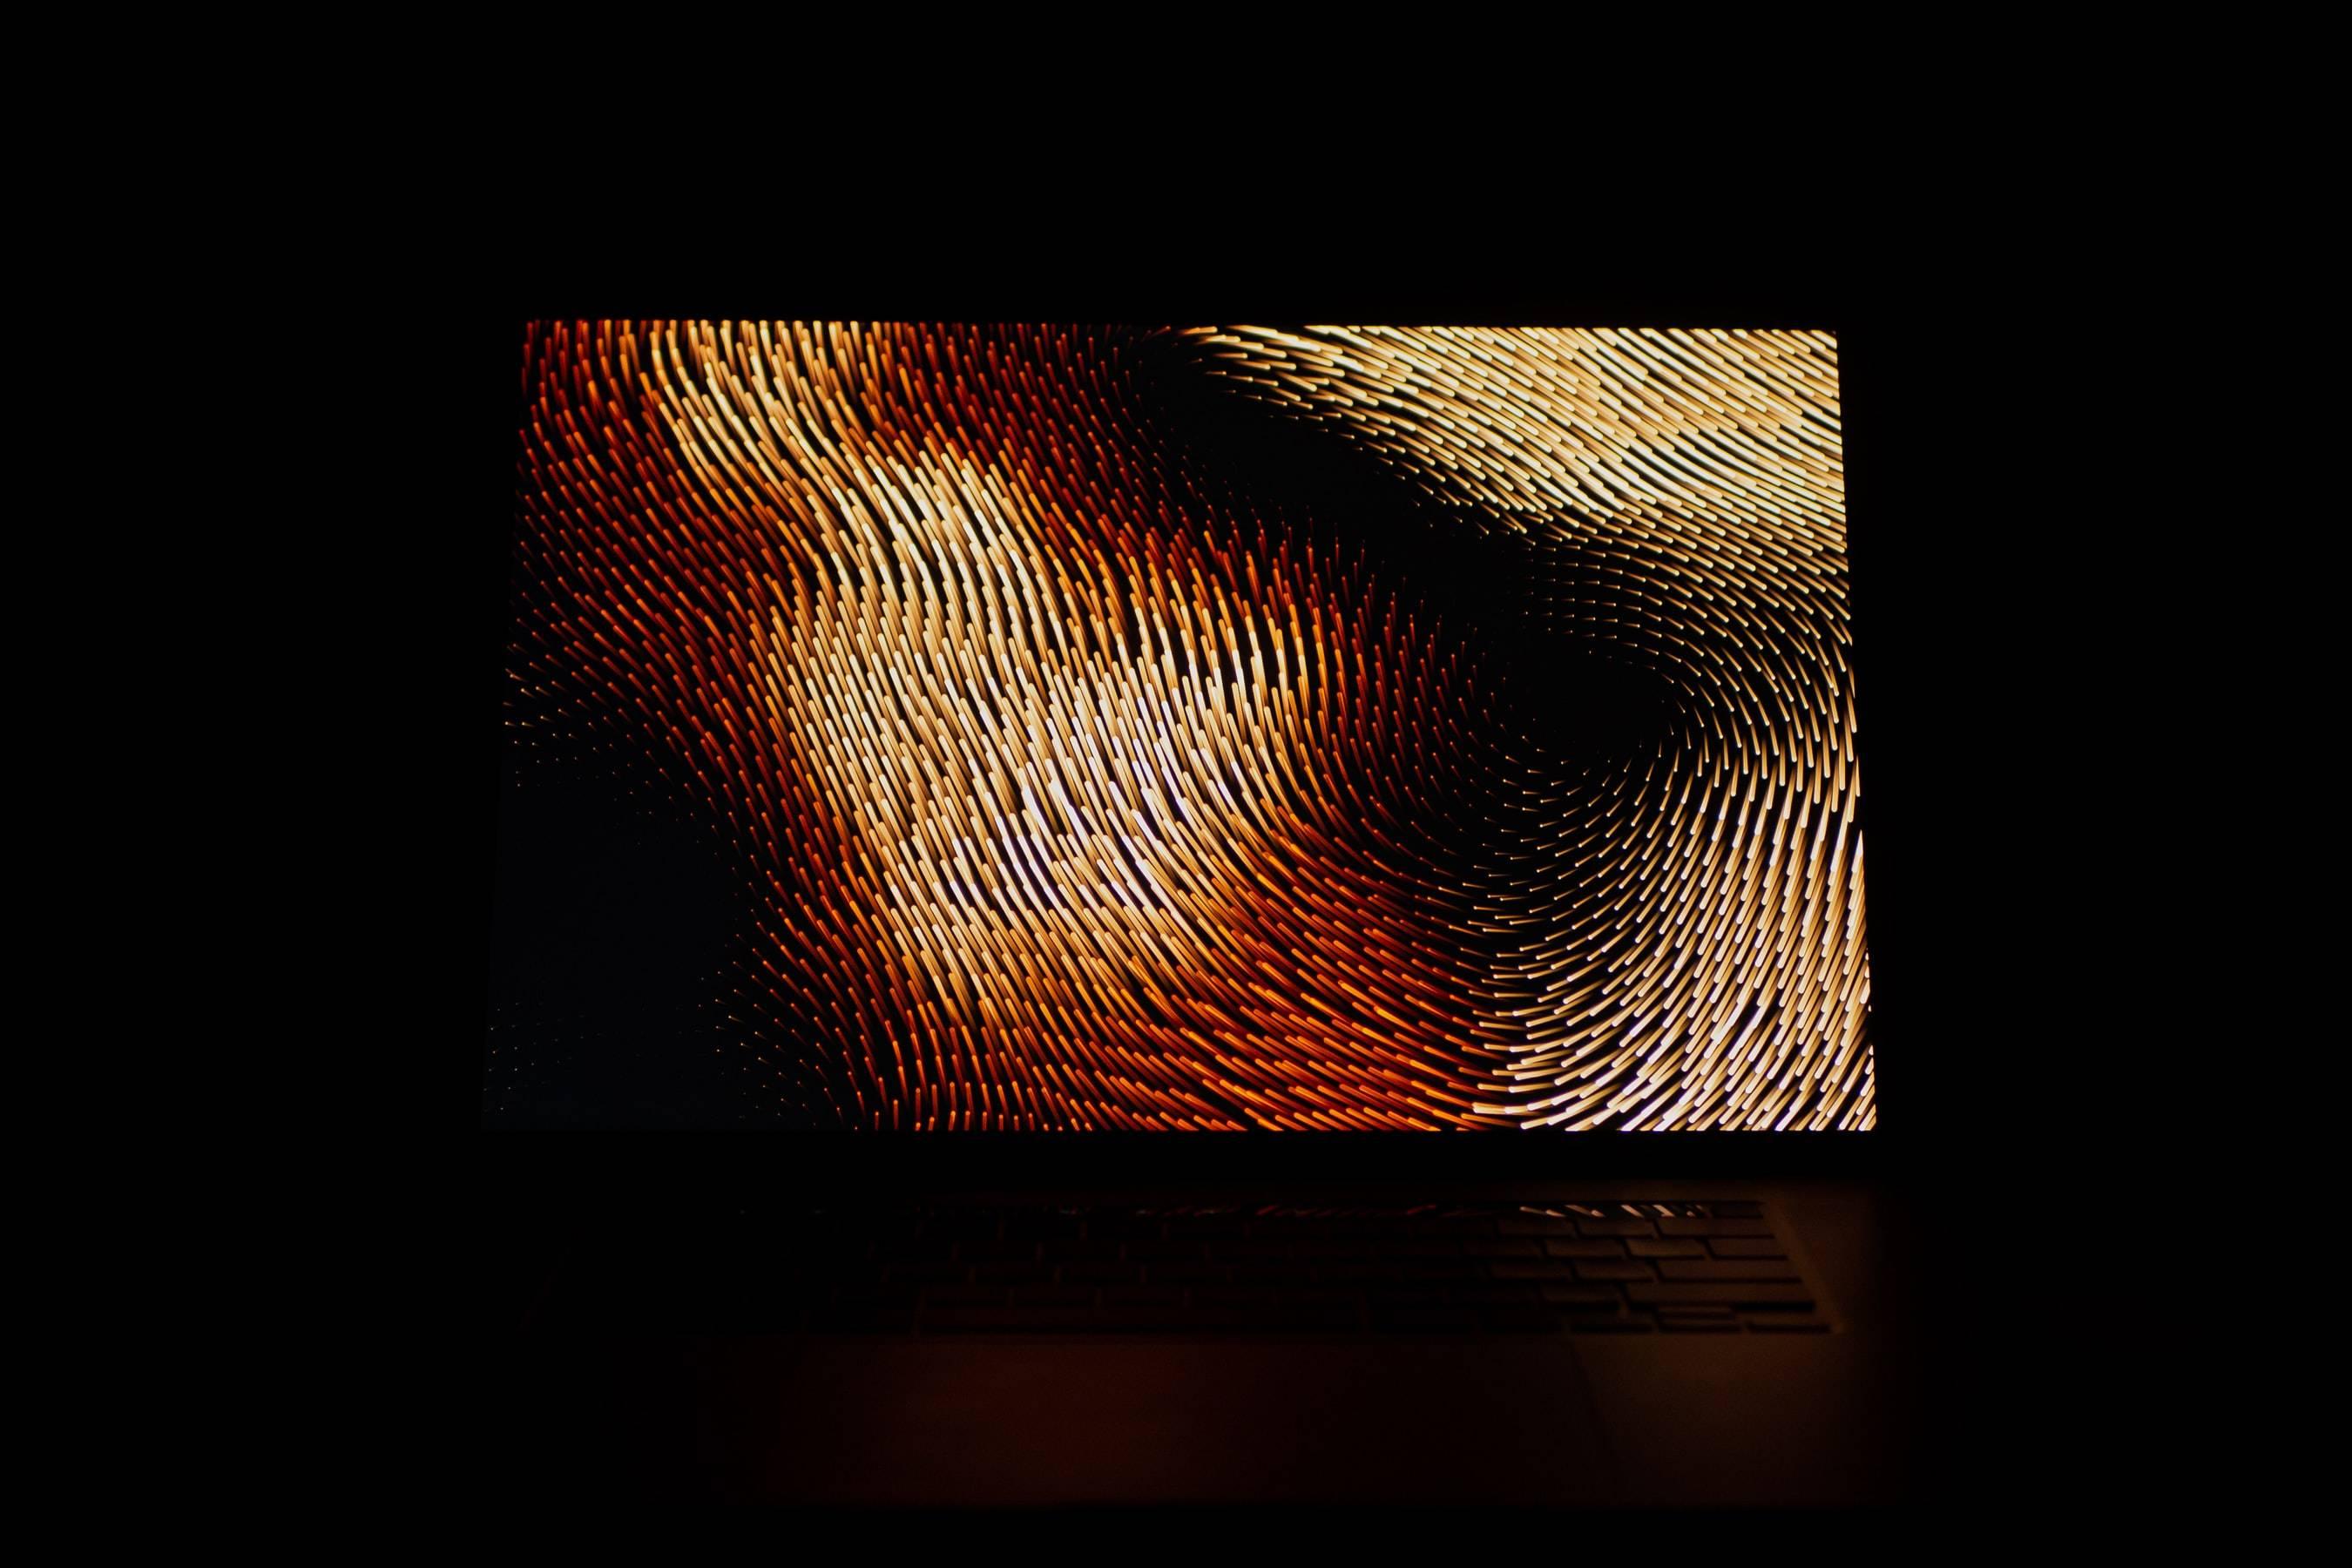 体验飞利浦轩泰LED护眼台灯:平衡新视界的力与美